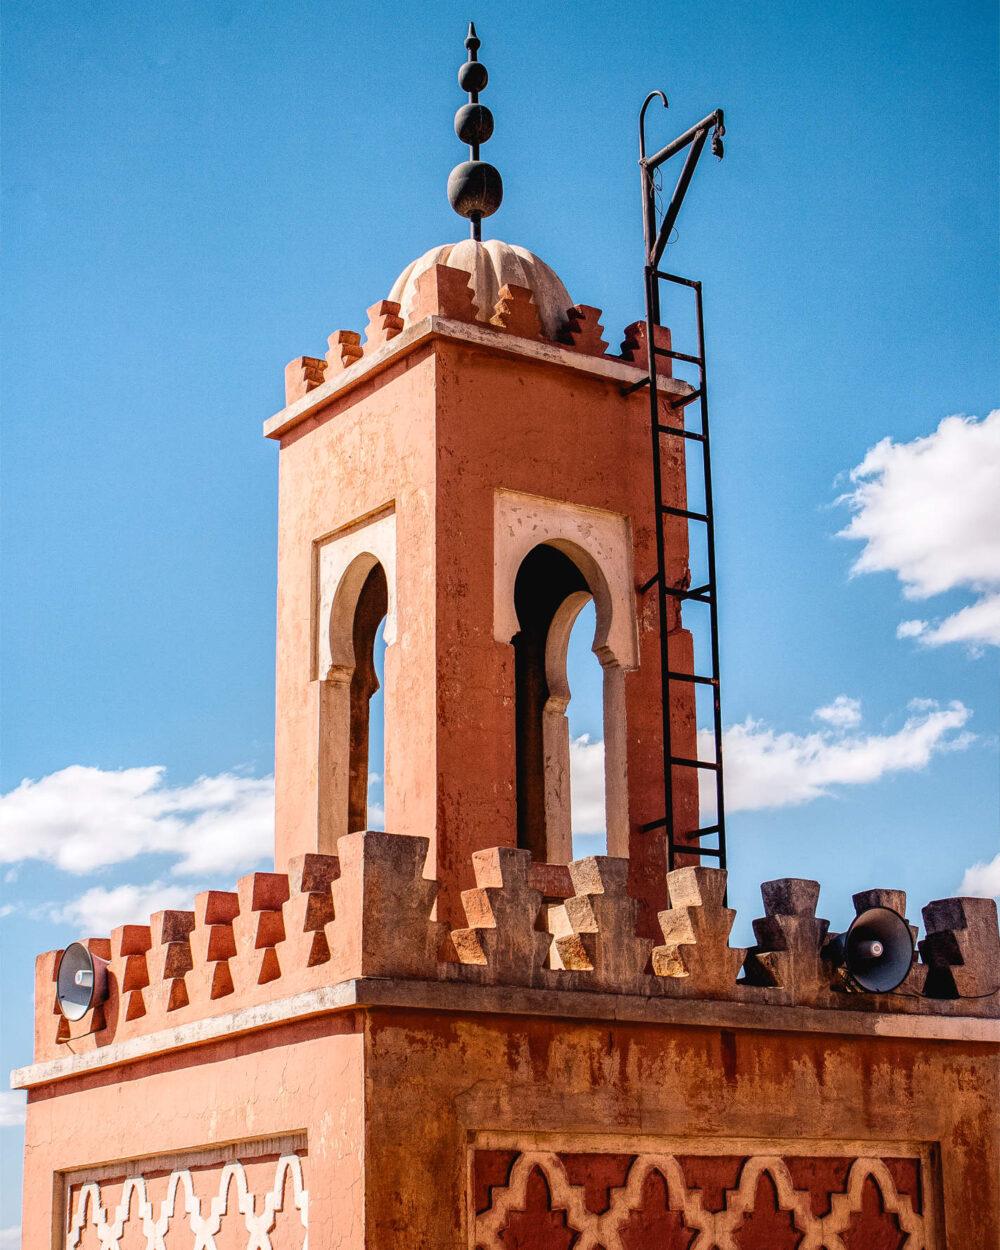 Minarett der El-Bahja Moschee am Djeema el Fna in Marrakesch